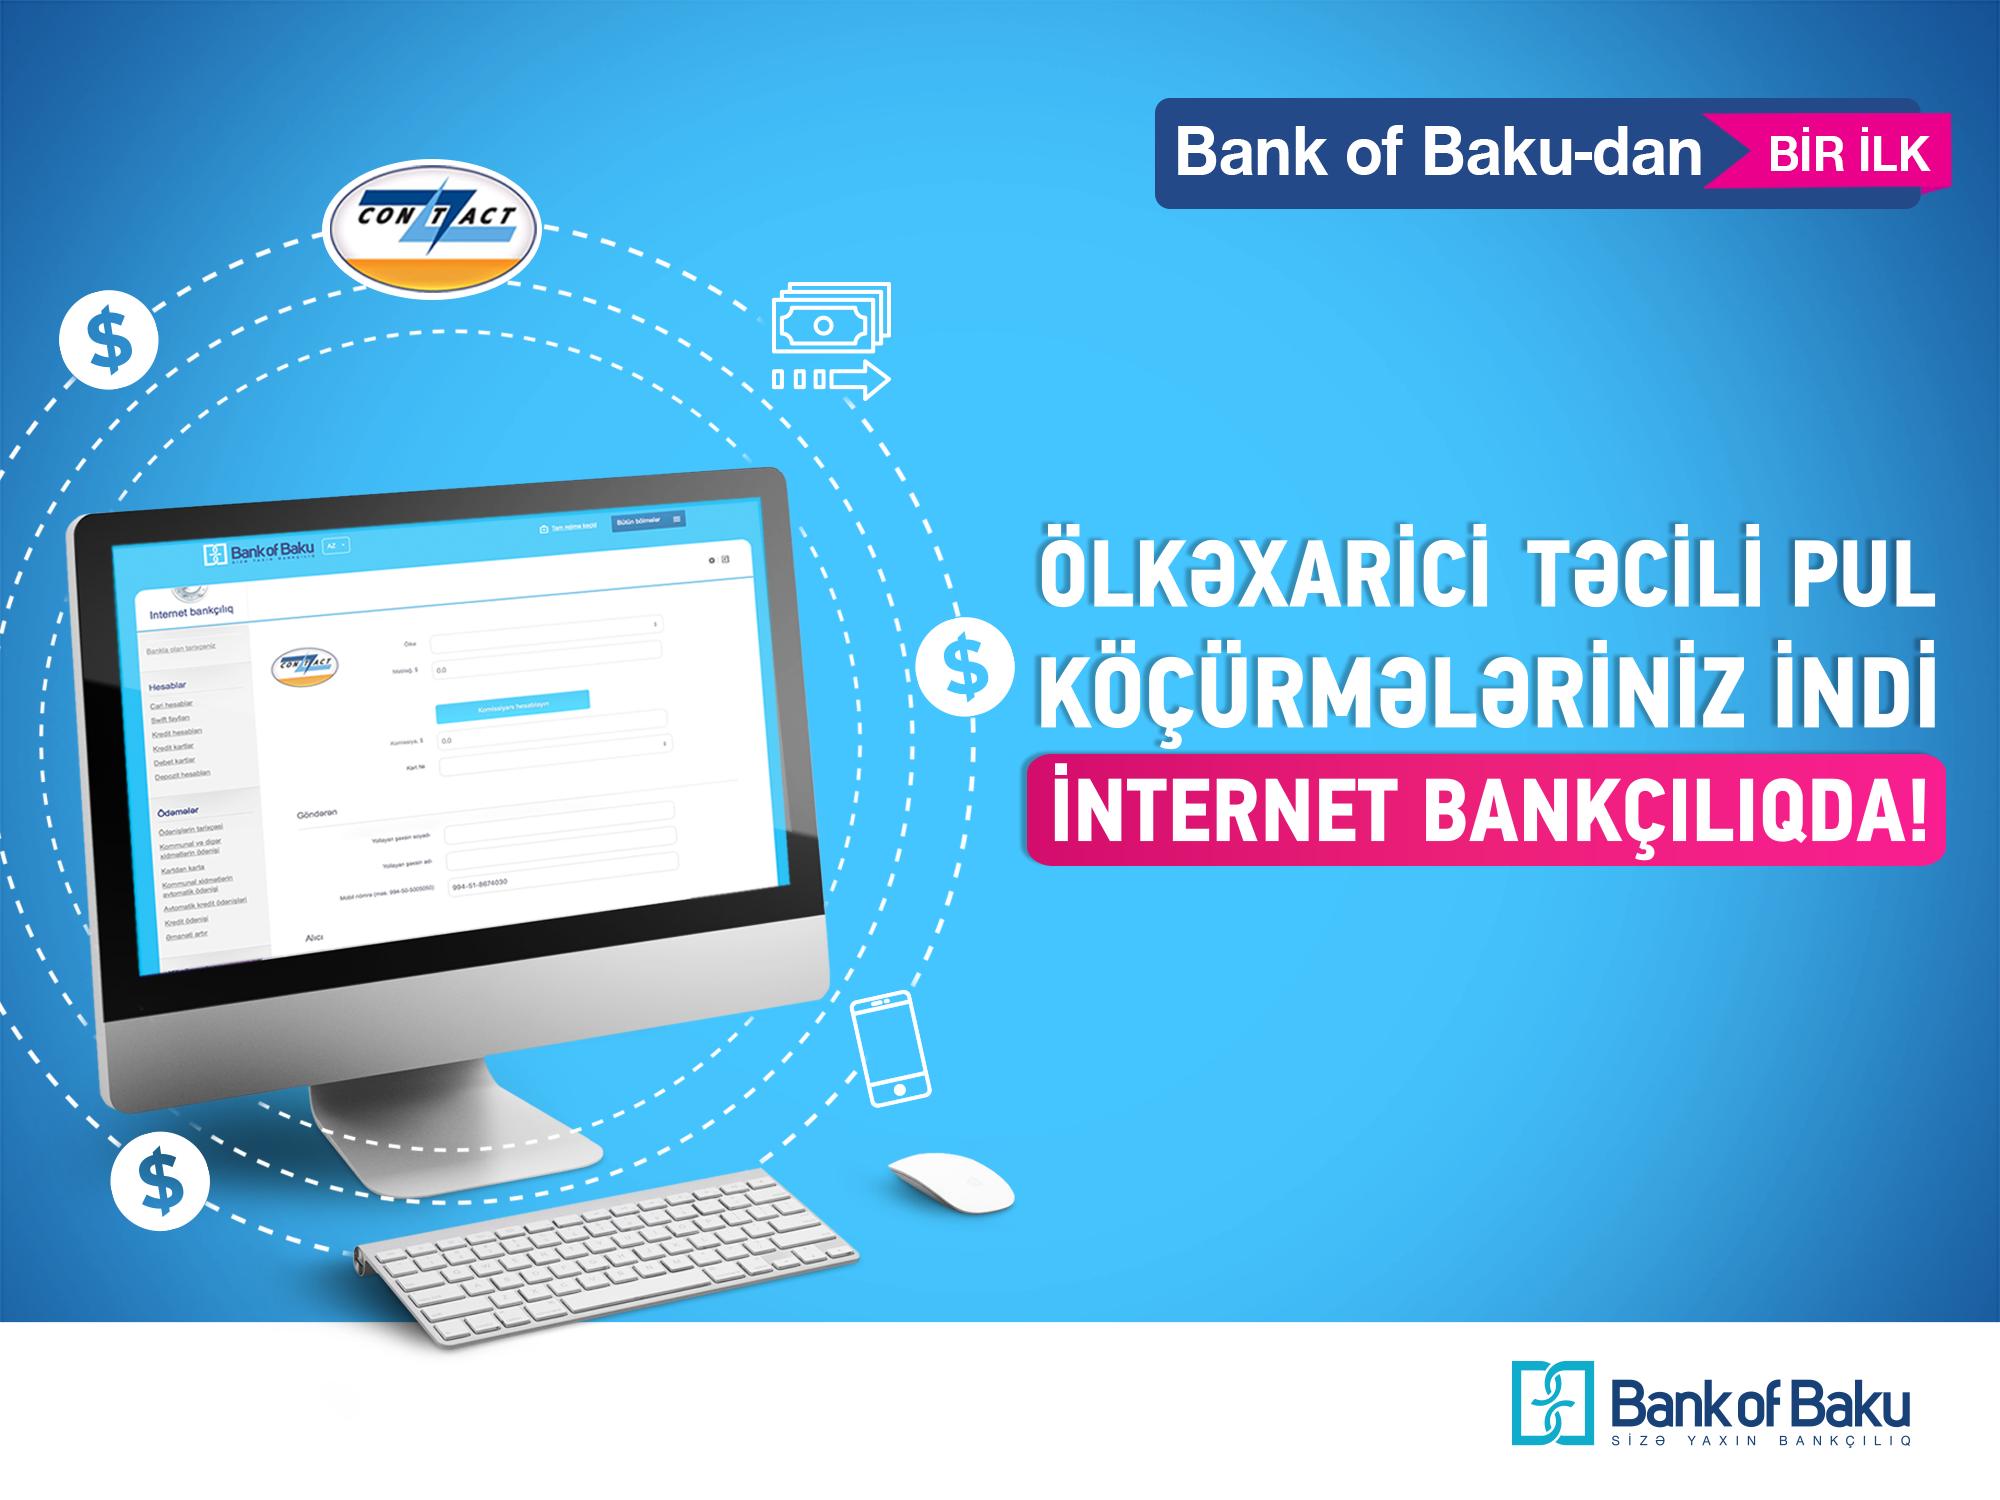 """Bank of Baku-dan bir İLK: """"Ölkəxarici Təcili Pul Köçürmələriniz indi İnternet Bankçılıqda""""!"""